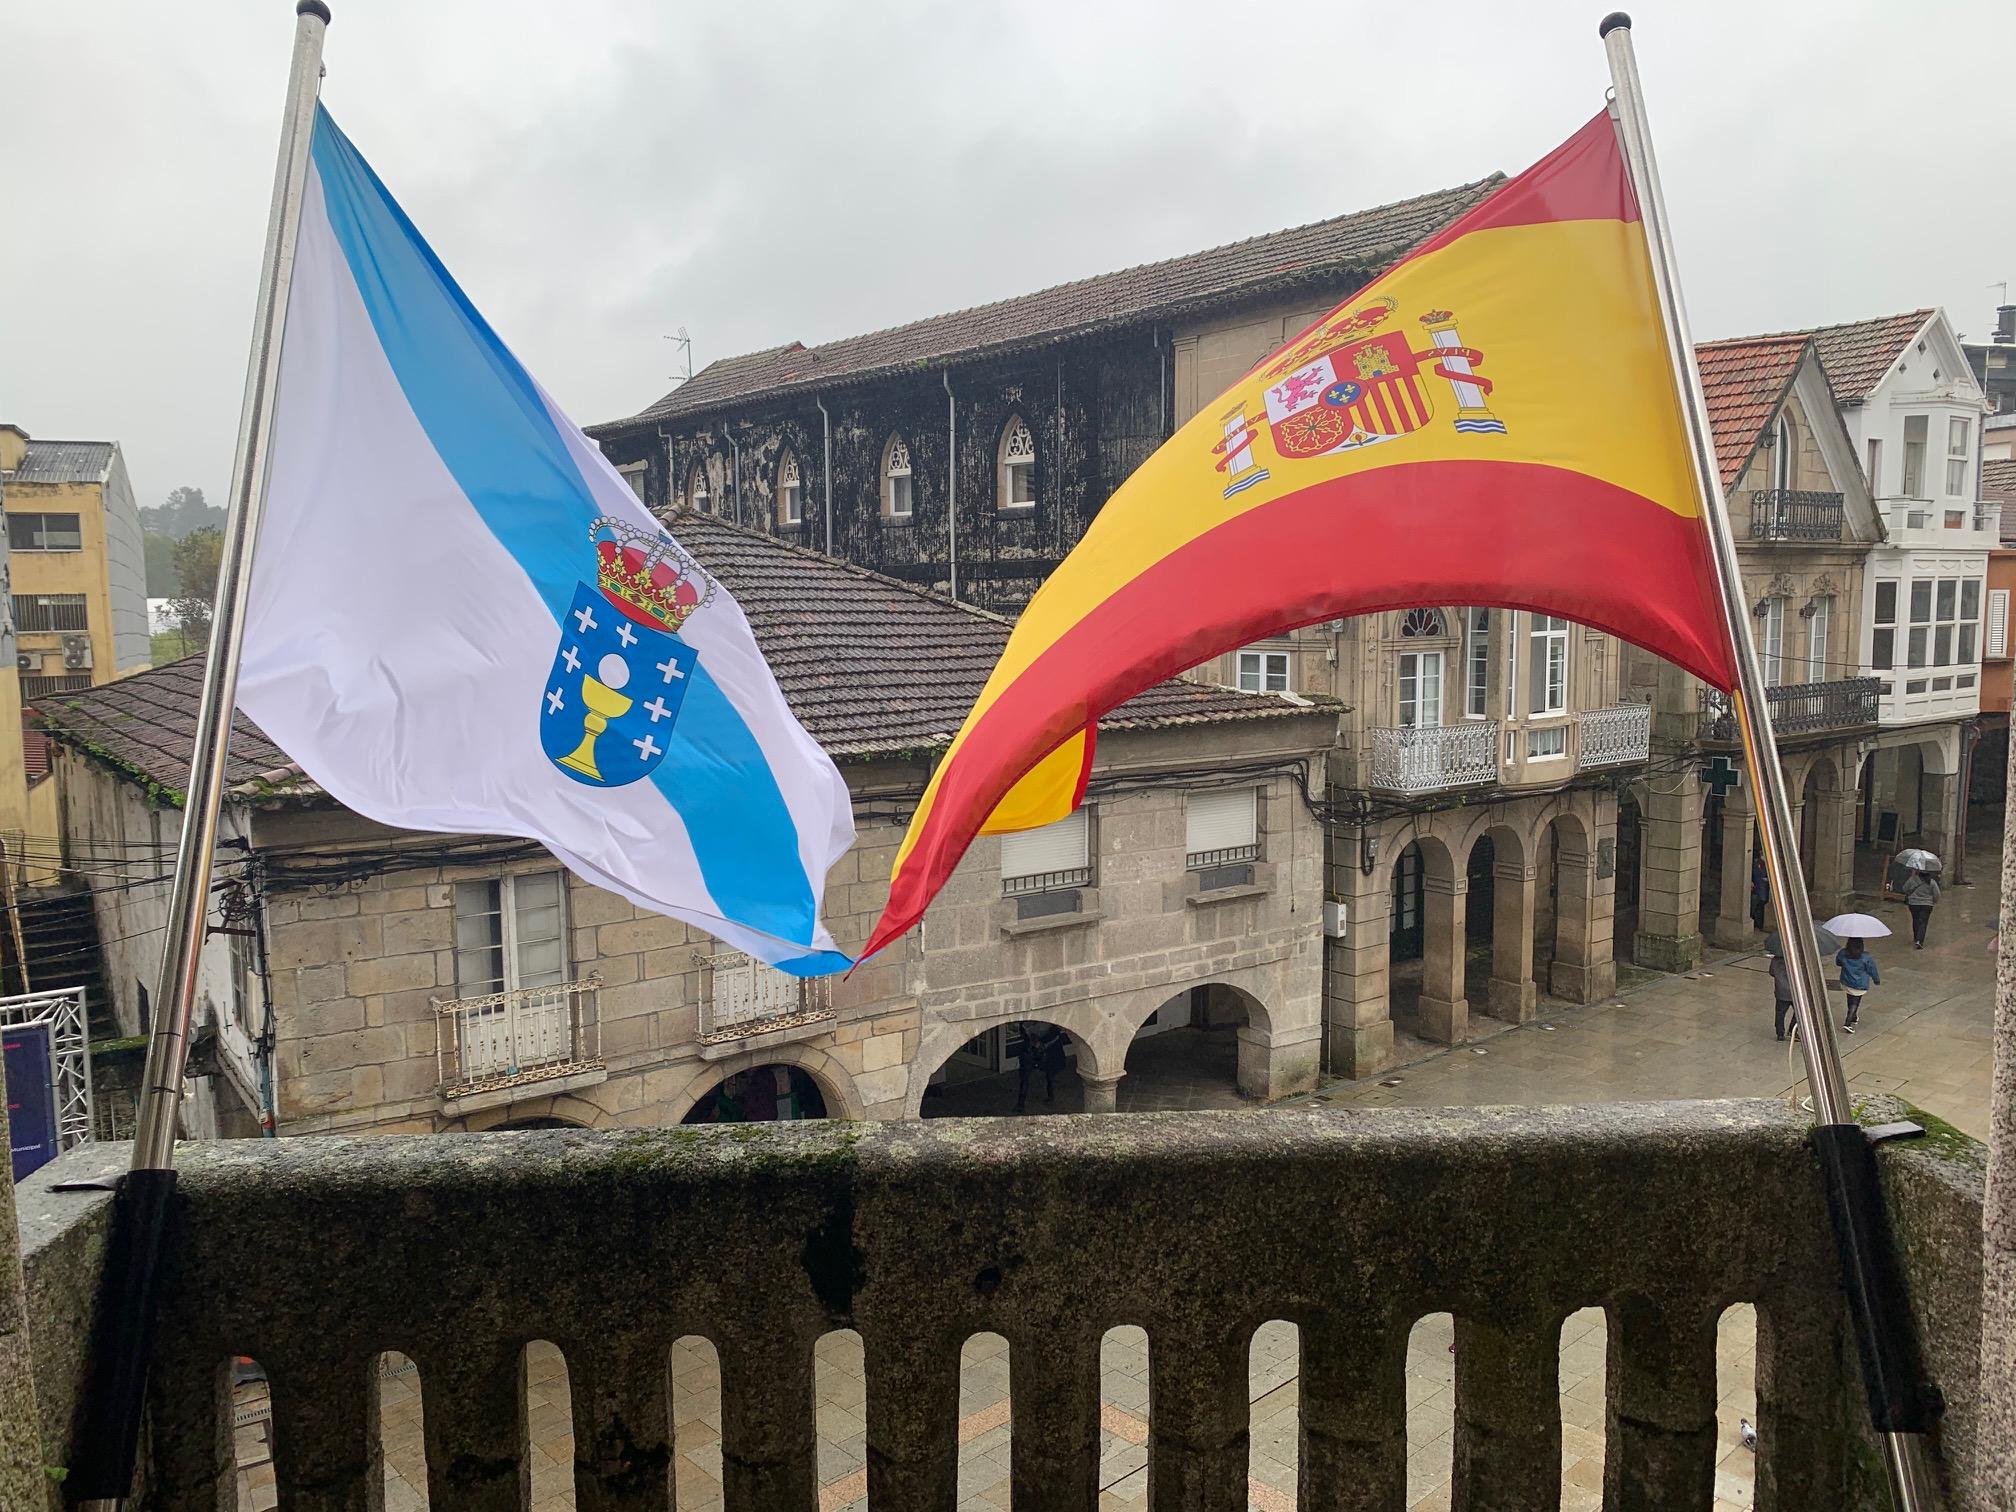 Renovados os postes das bandeiras no balcón principal do Concello